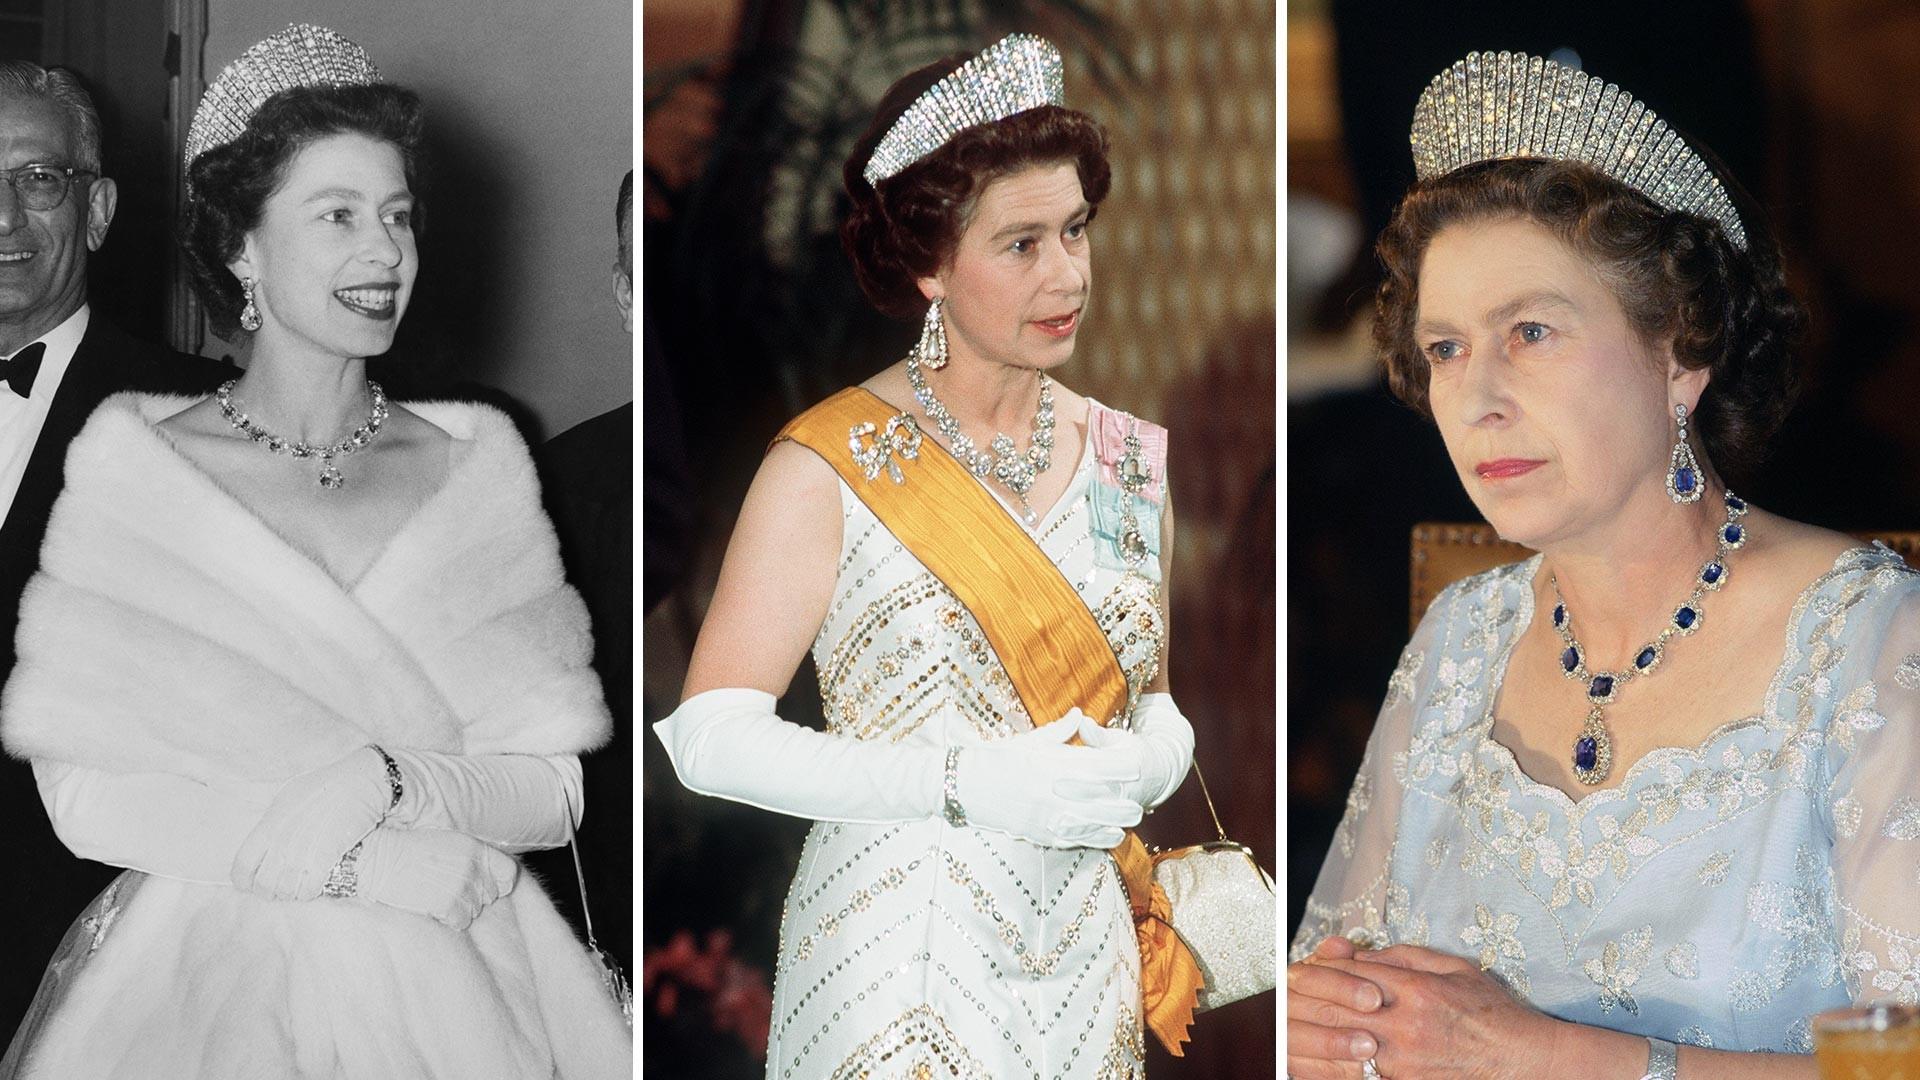 La reina Isabel II llega a un almuerzo ofrecido por el Gobernador de Peshawar durante una visita del Commonwealth al Pakistán, el 4 de febrero de 1961; la reina Isabel II se viste con toda la ropa en 1975; la reina Isabel II asiste a un banquete en la India 1983.